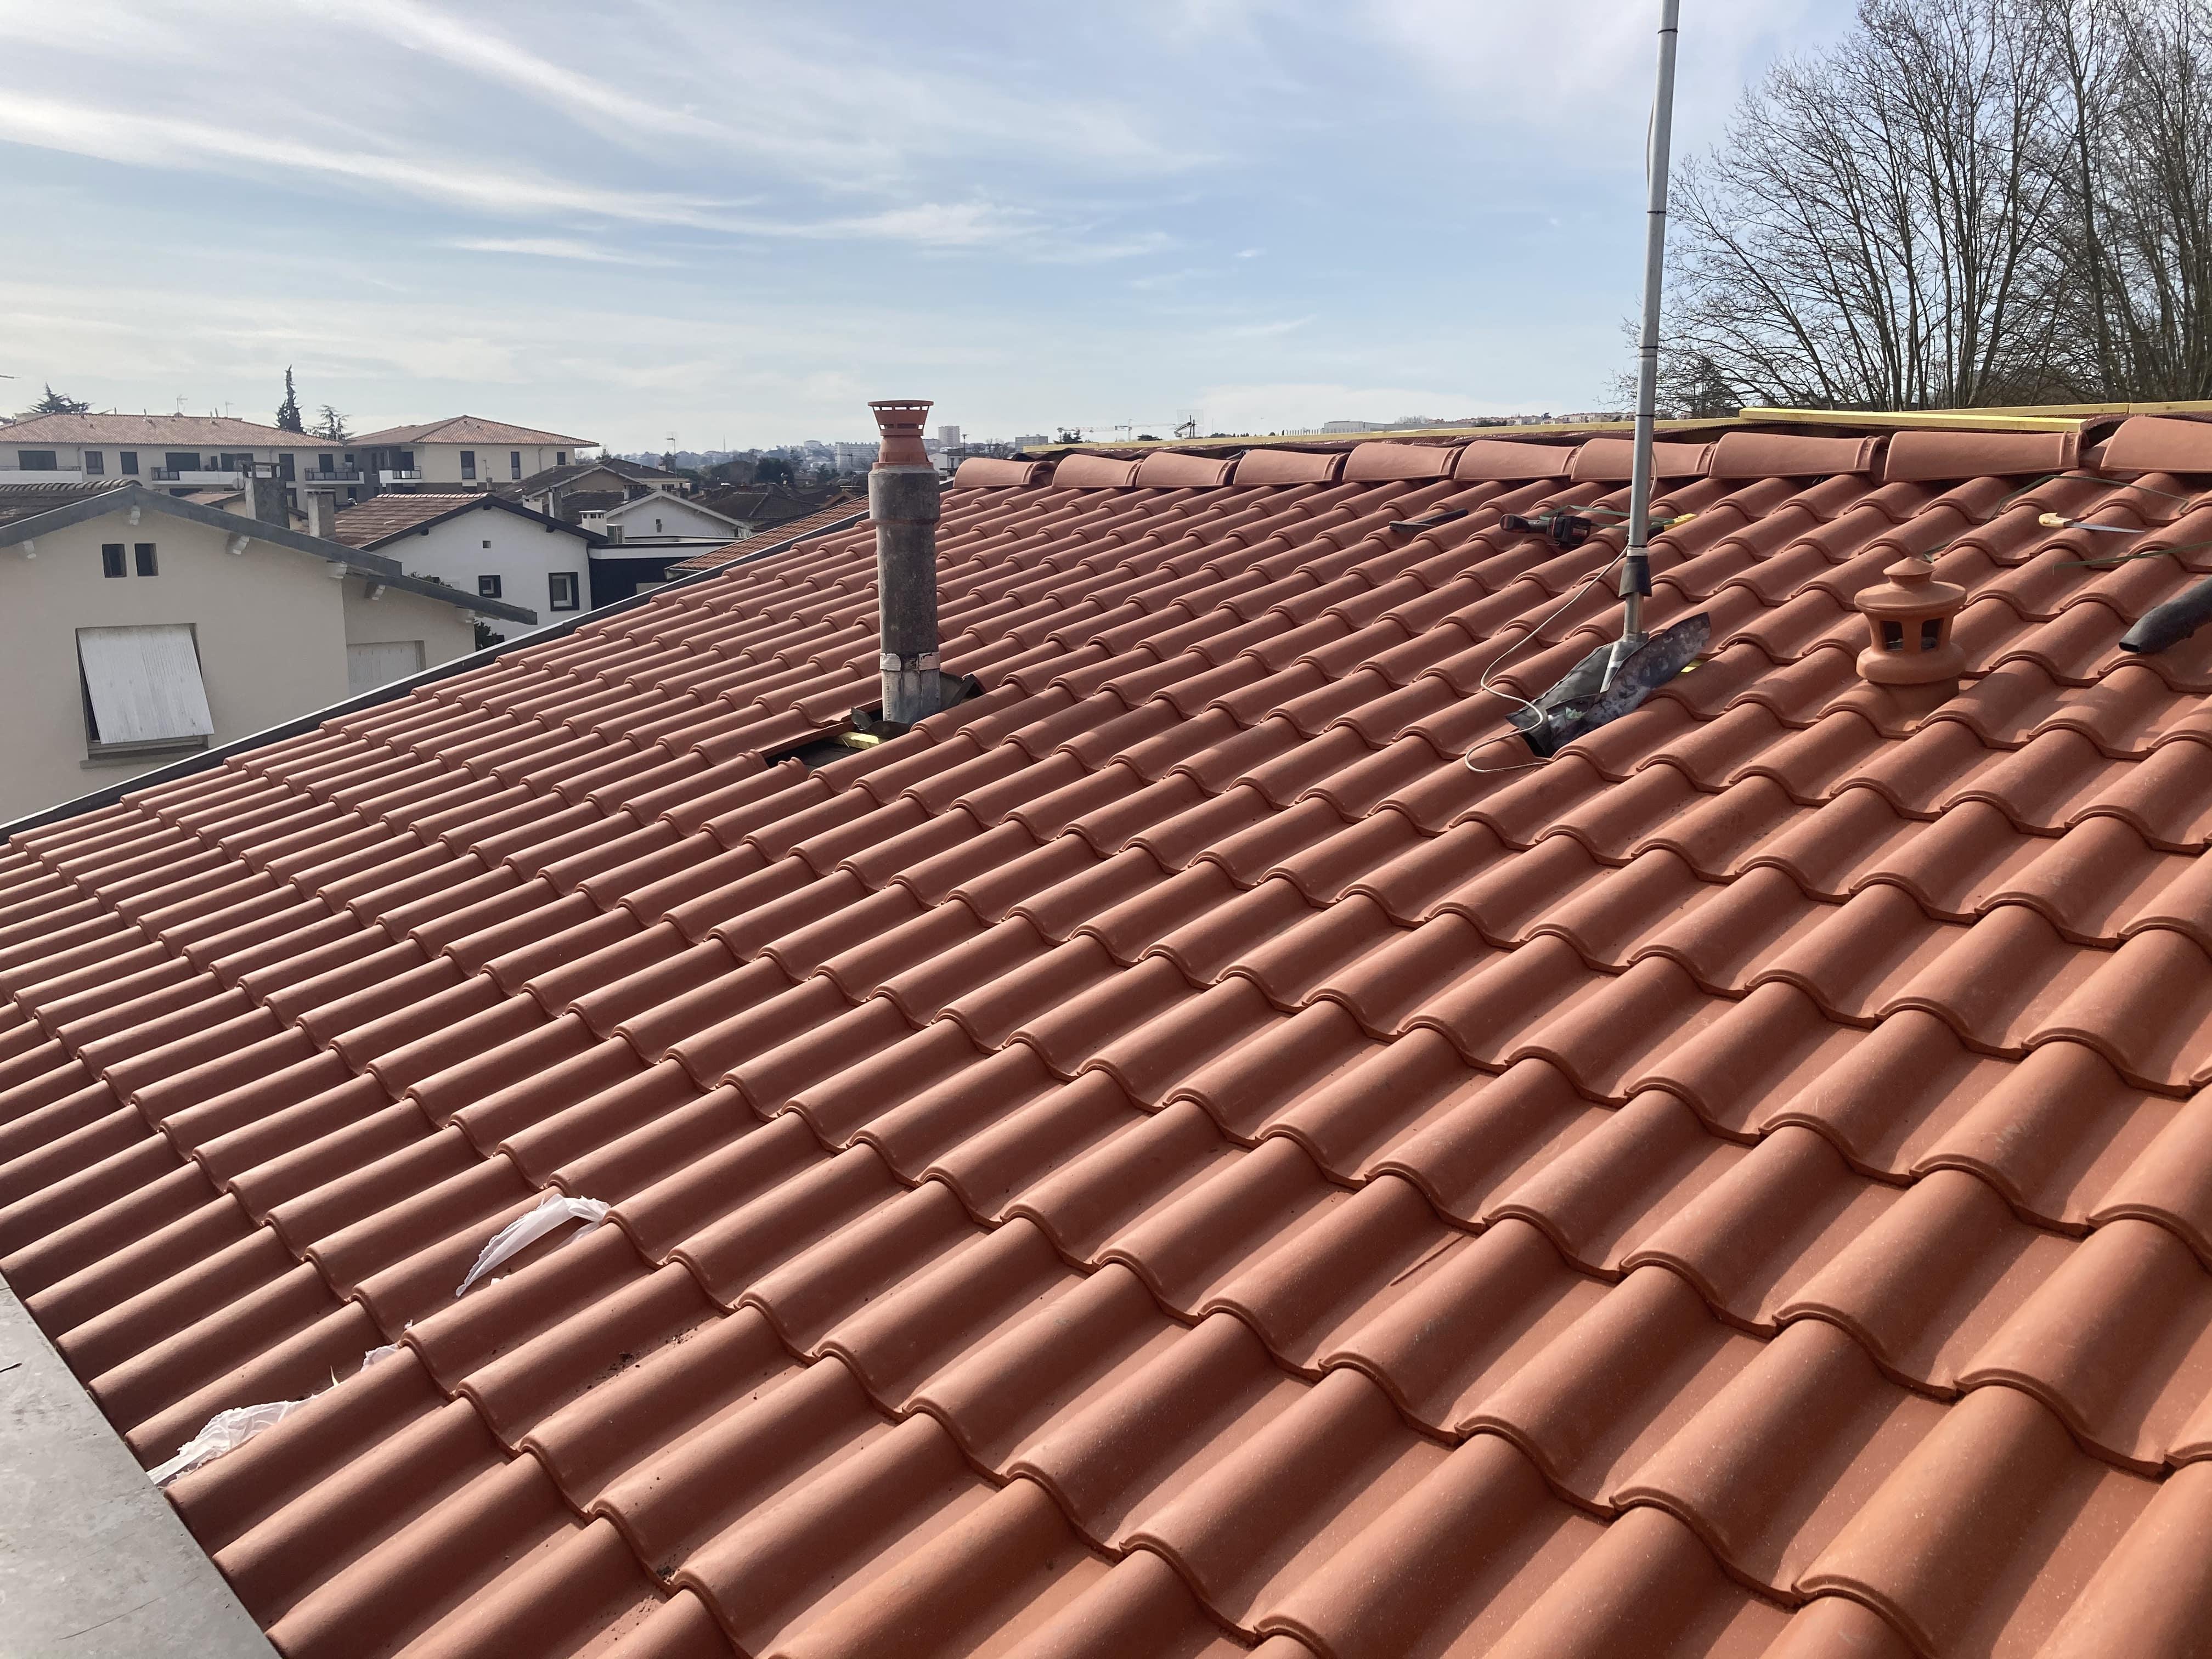 Vous envisagez un projet de rénovation de votre toit ? Vous souhaitez poser une toiture neuve ou changer vos tuiles ?  Rien de plus simple : Stork Habitat spécialiste en travaux de rénovation et l'entretien de toiture à Toulouse, met à votre disposition ses compétences pour vos projets de rénovation de toiture.